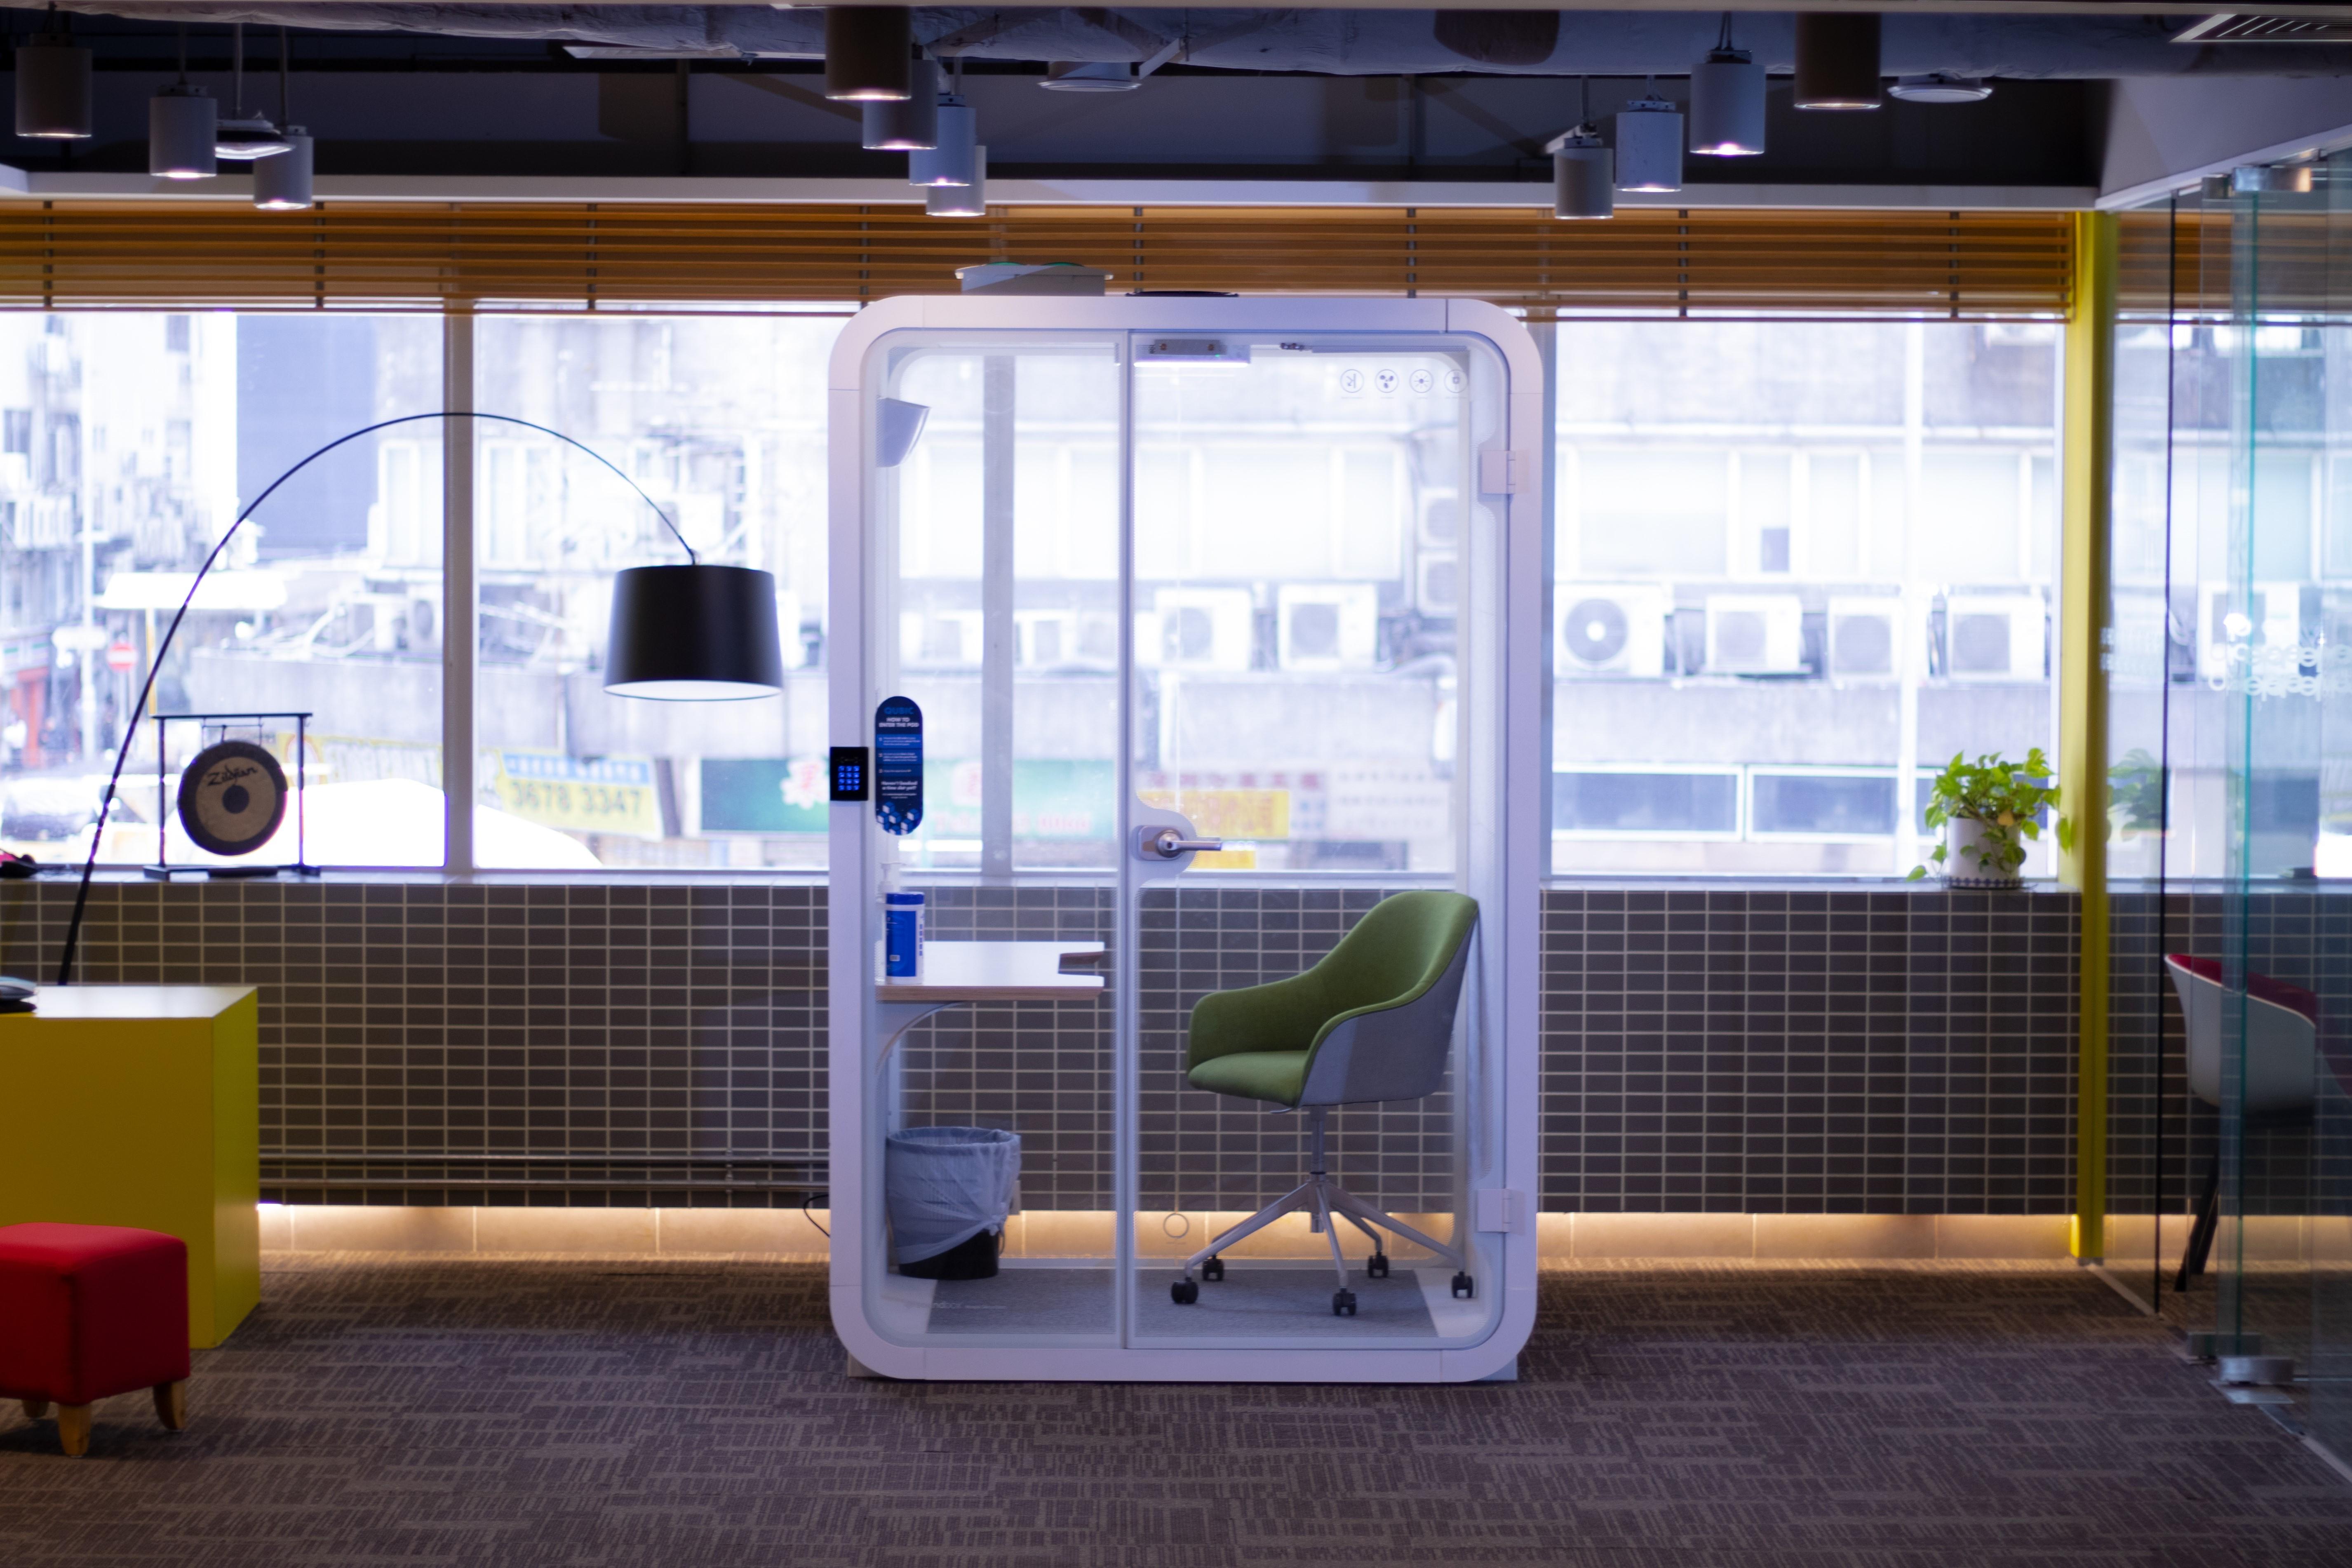 Work pod Hong Kong technology workspace solution